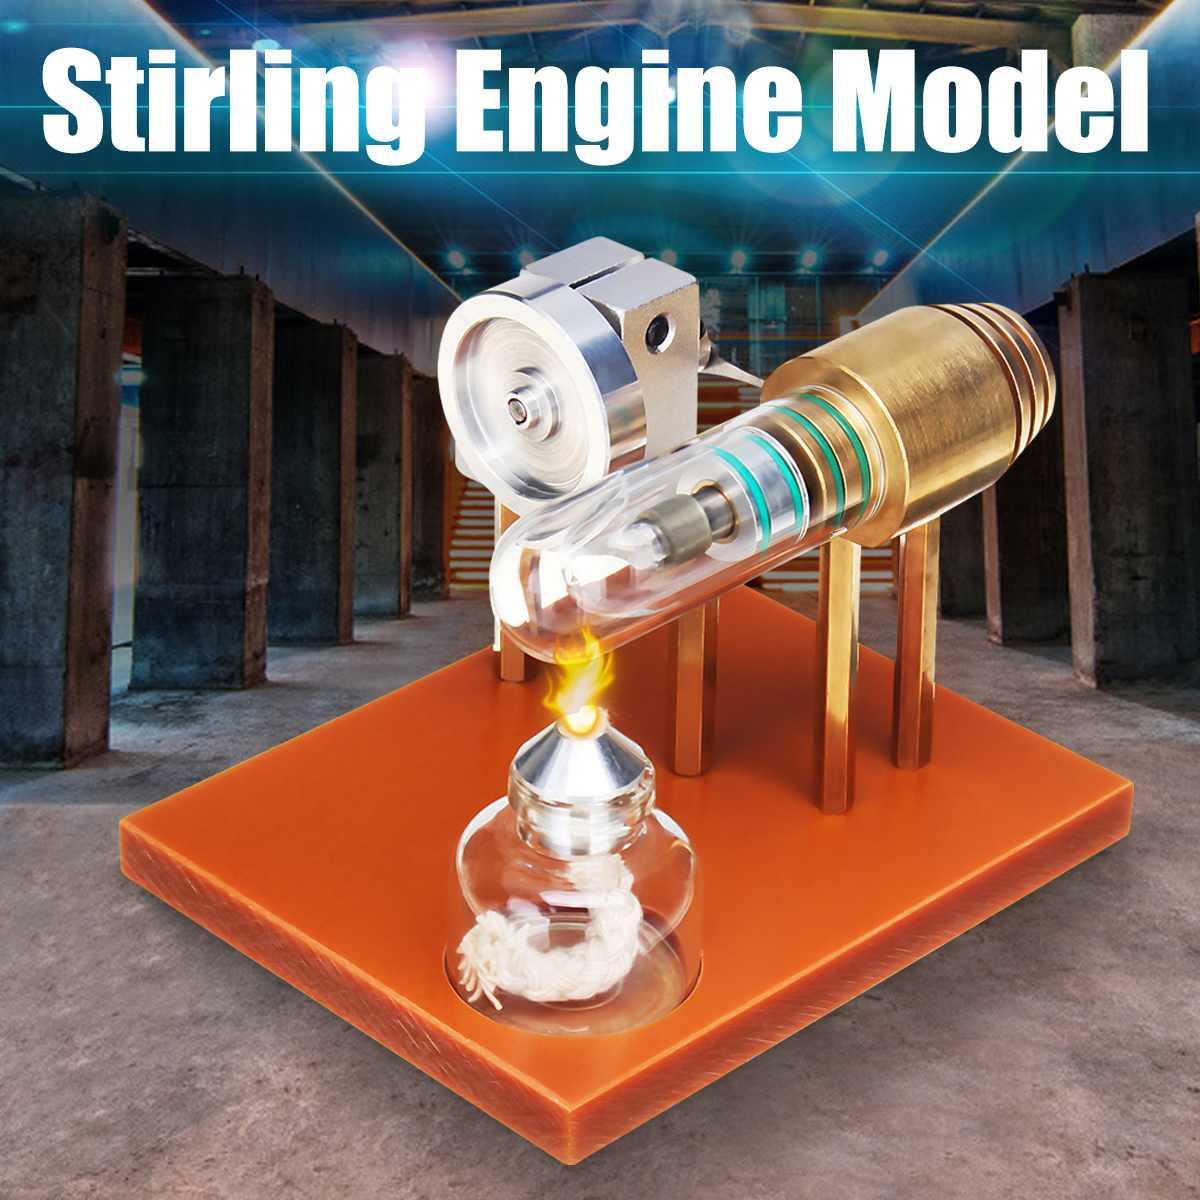 Mini Air Chaud Moteur Stirling Moteur Modèle Power Stream en Physique Modèle D'enseignement Des Sciences Jouet Cadeau Pour Les Enfants